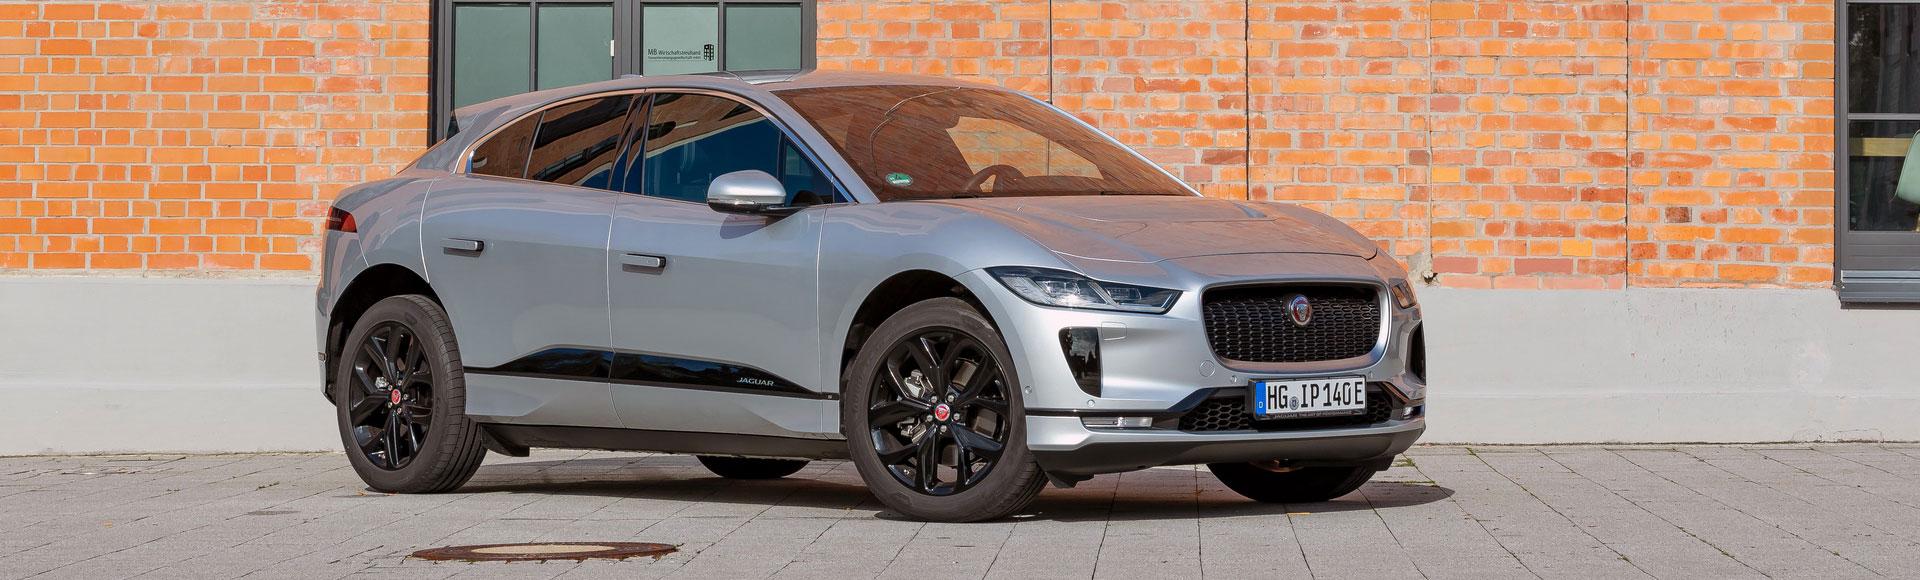 Jaguar i Pace 2019 Sommer 3080